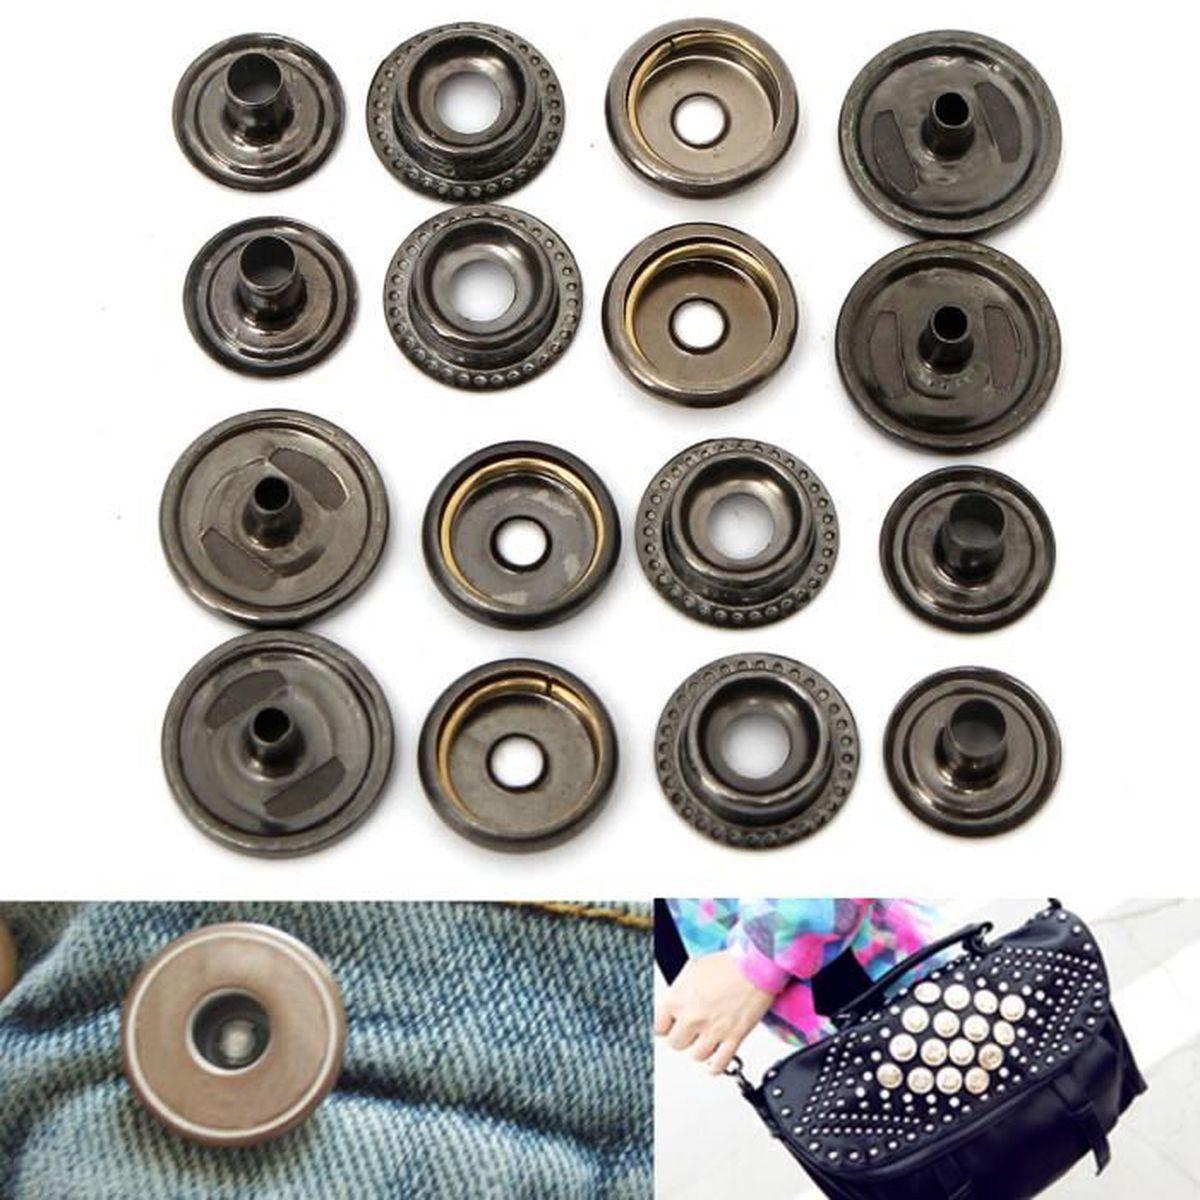 ... outil pour cuir maroquinerie. FERMETURE - BOUTON 100x bouton pression  métal argenté bronzé ... a2f1489e8d8